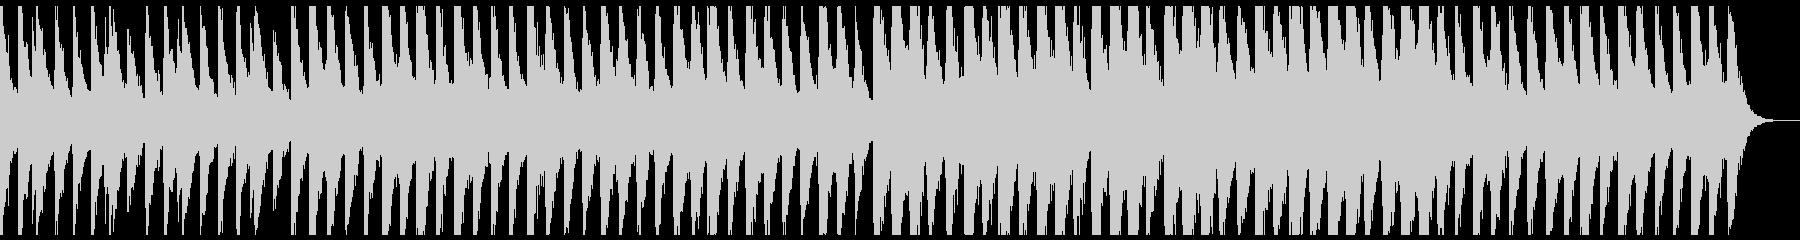 幻想的なピアノの未再生の波形